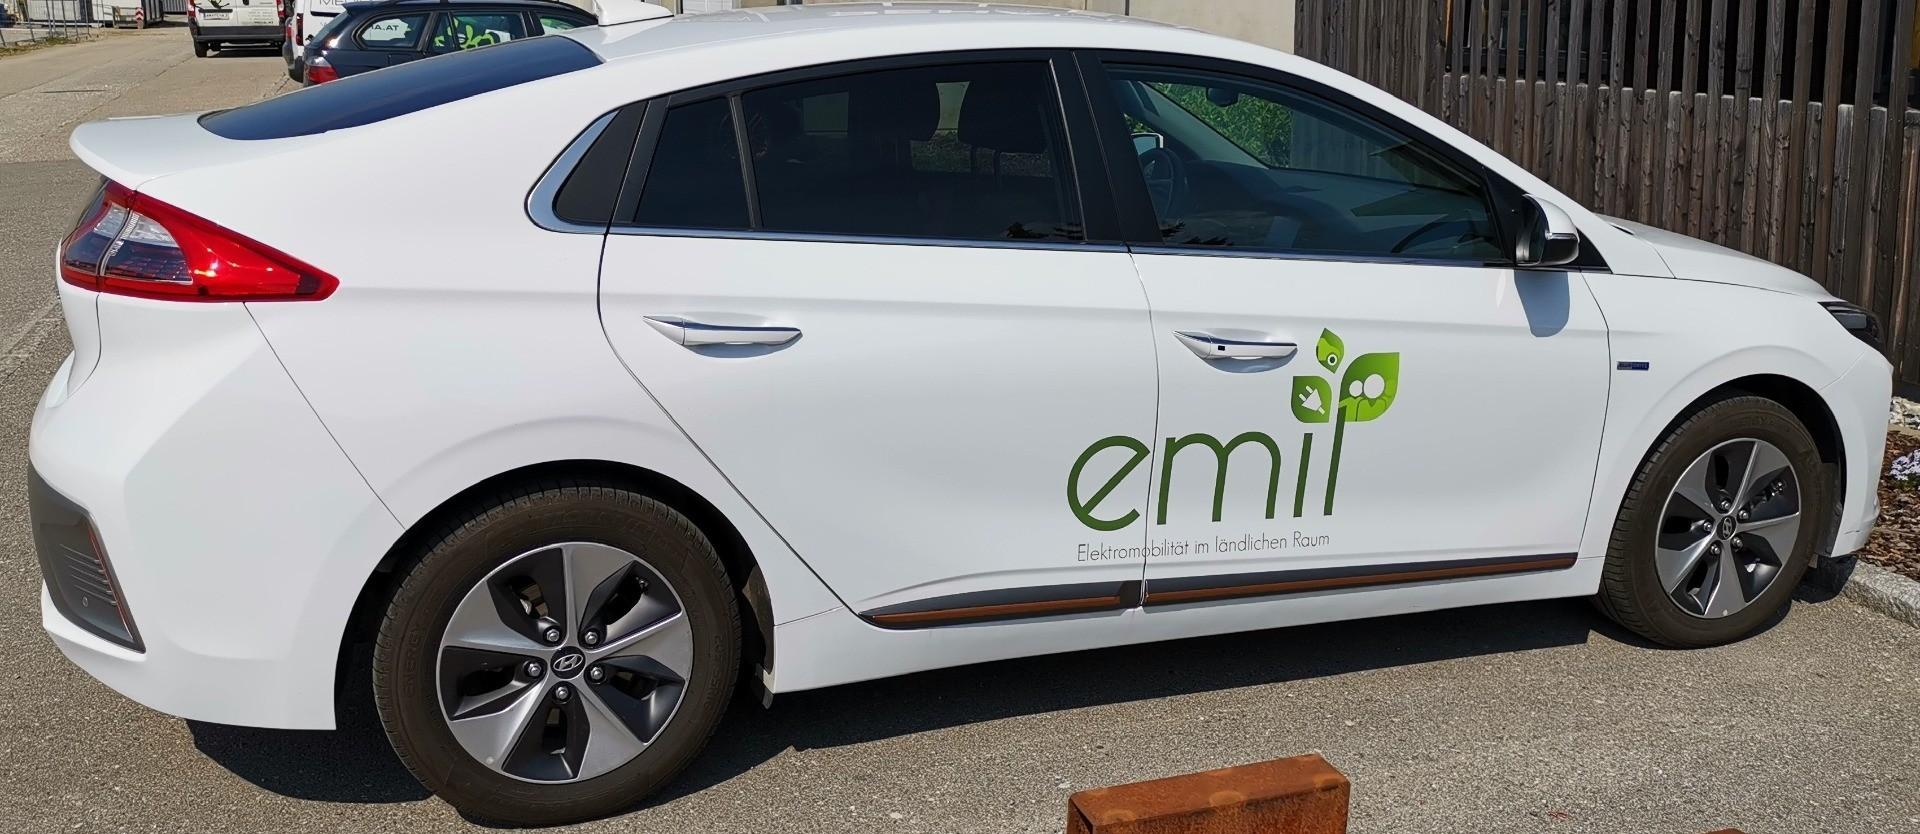 Emil Seite (1).jpg